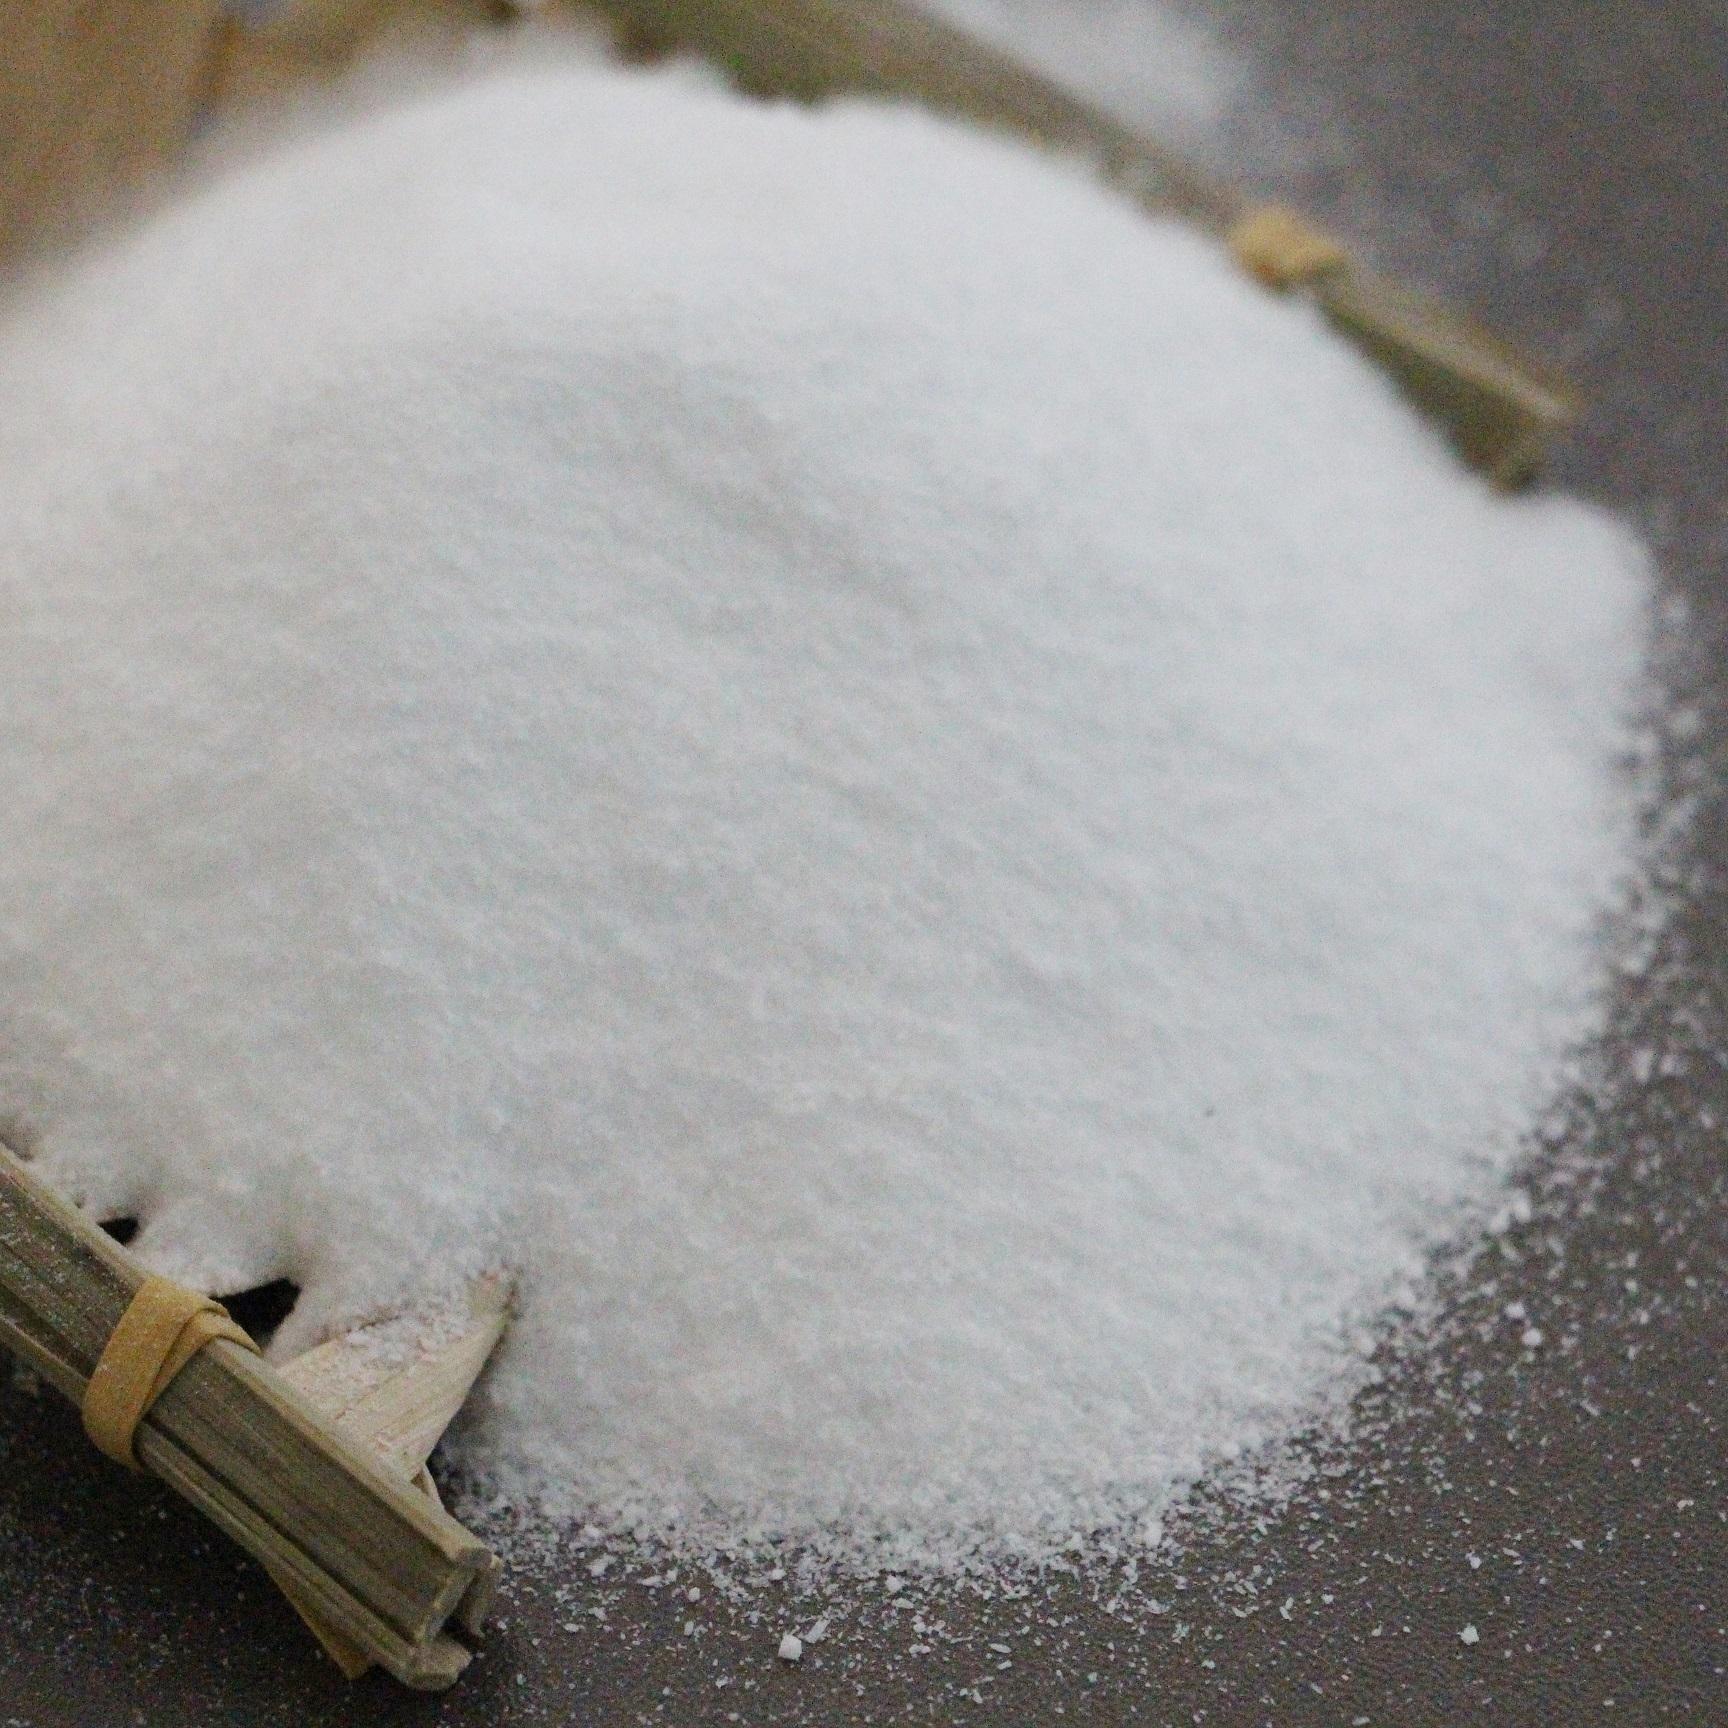 габариты глюкоза сахар картинки что можно будет